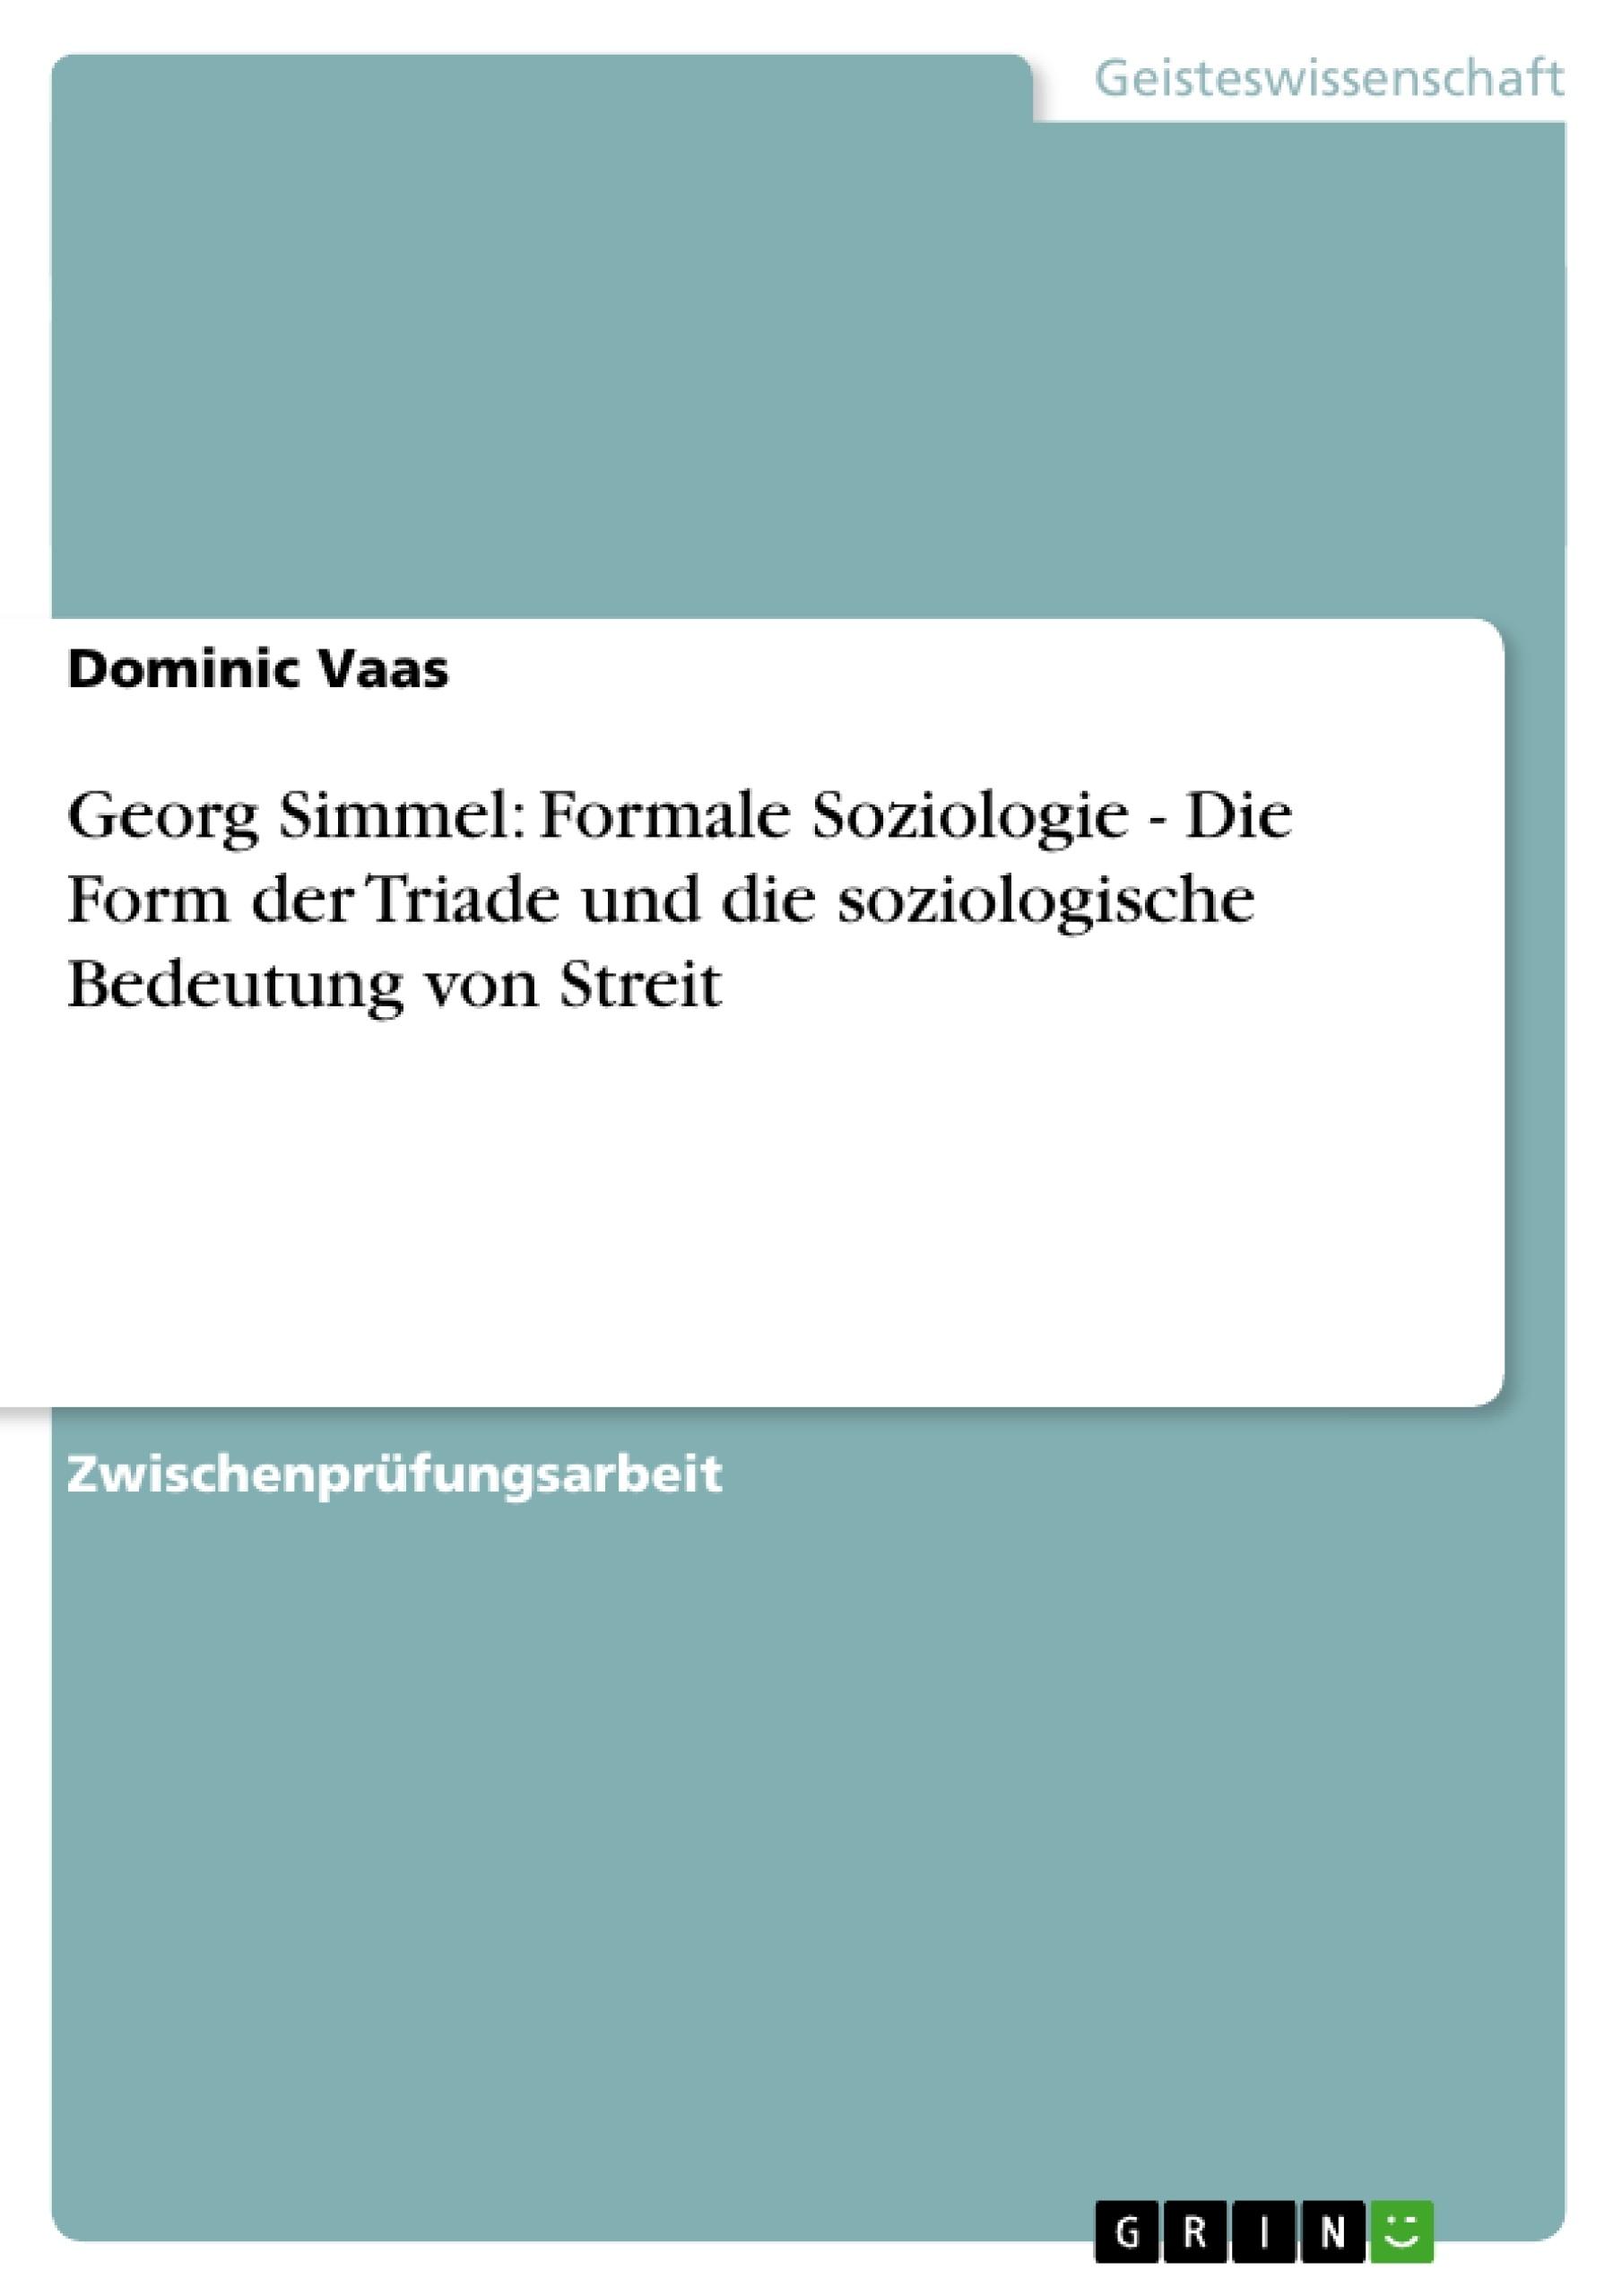 Titel: Georg Simmel: Formale Soziologie - Die Form der Triade und die soziologische Bedeutung von Streit